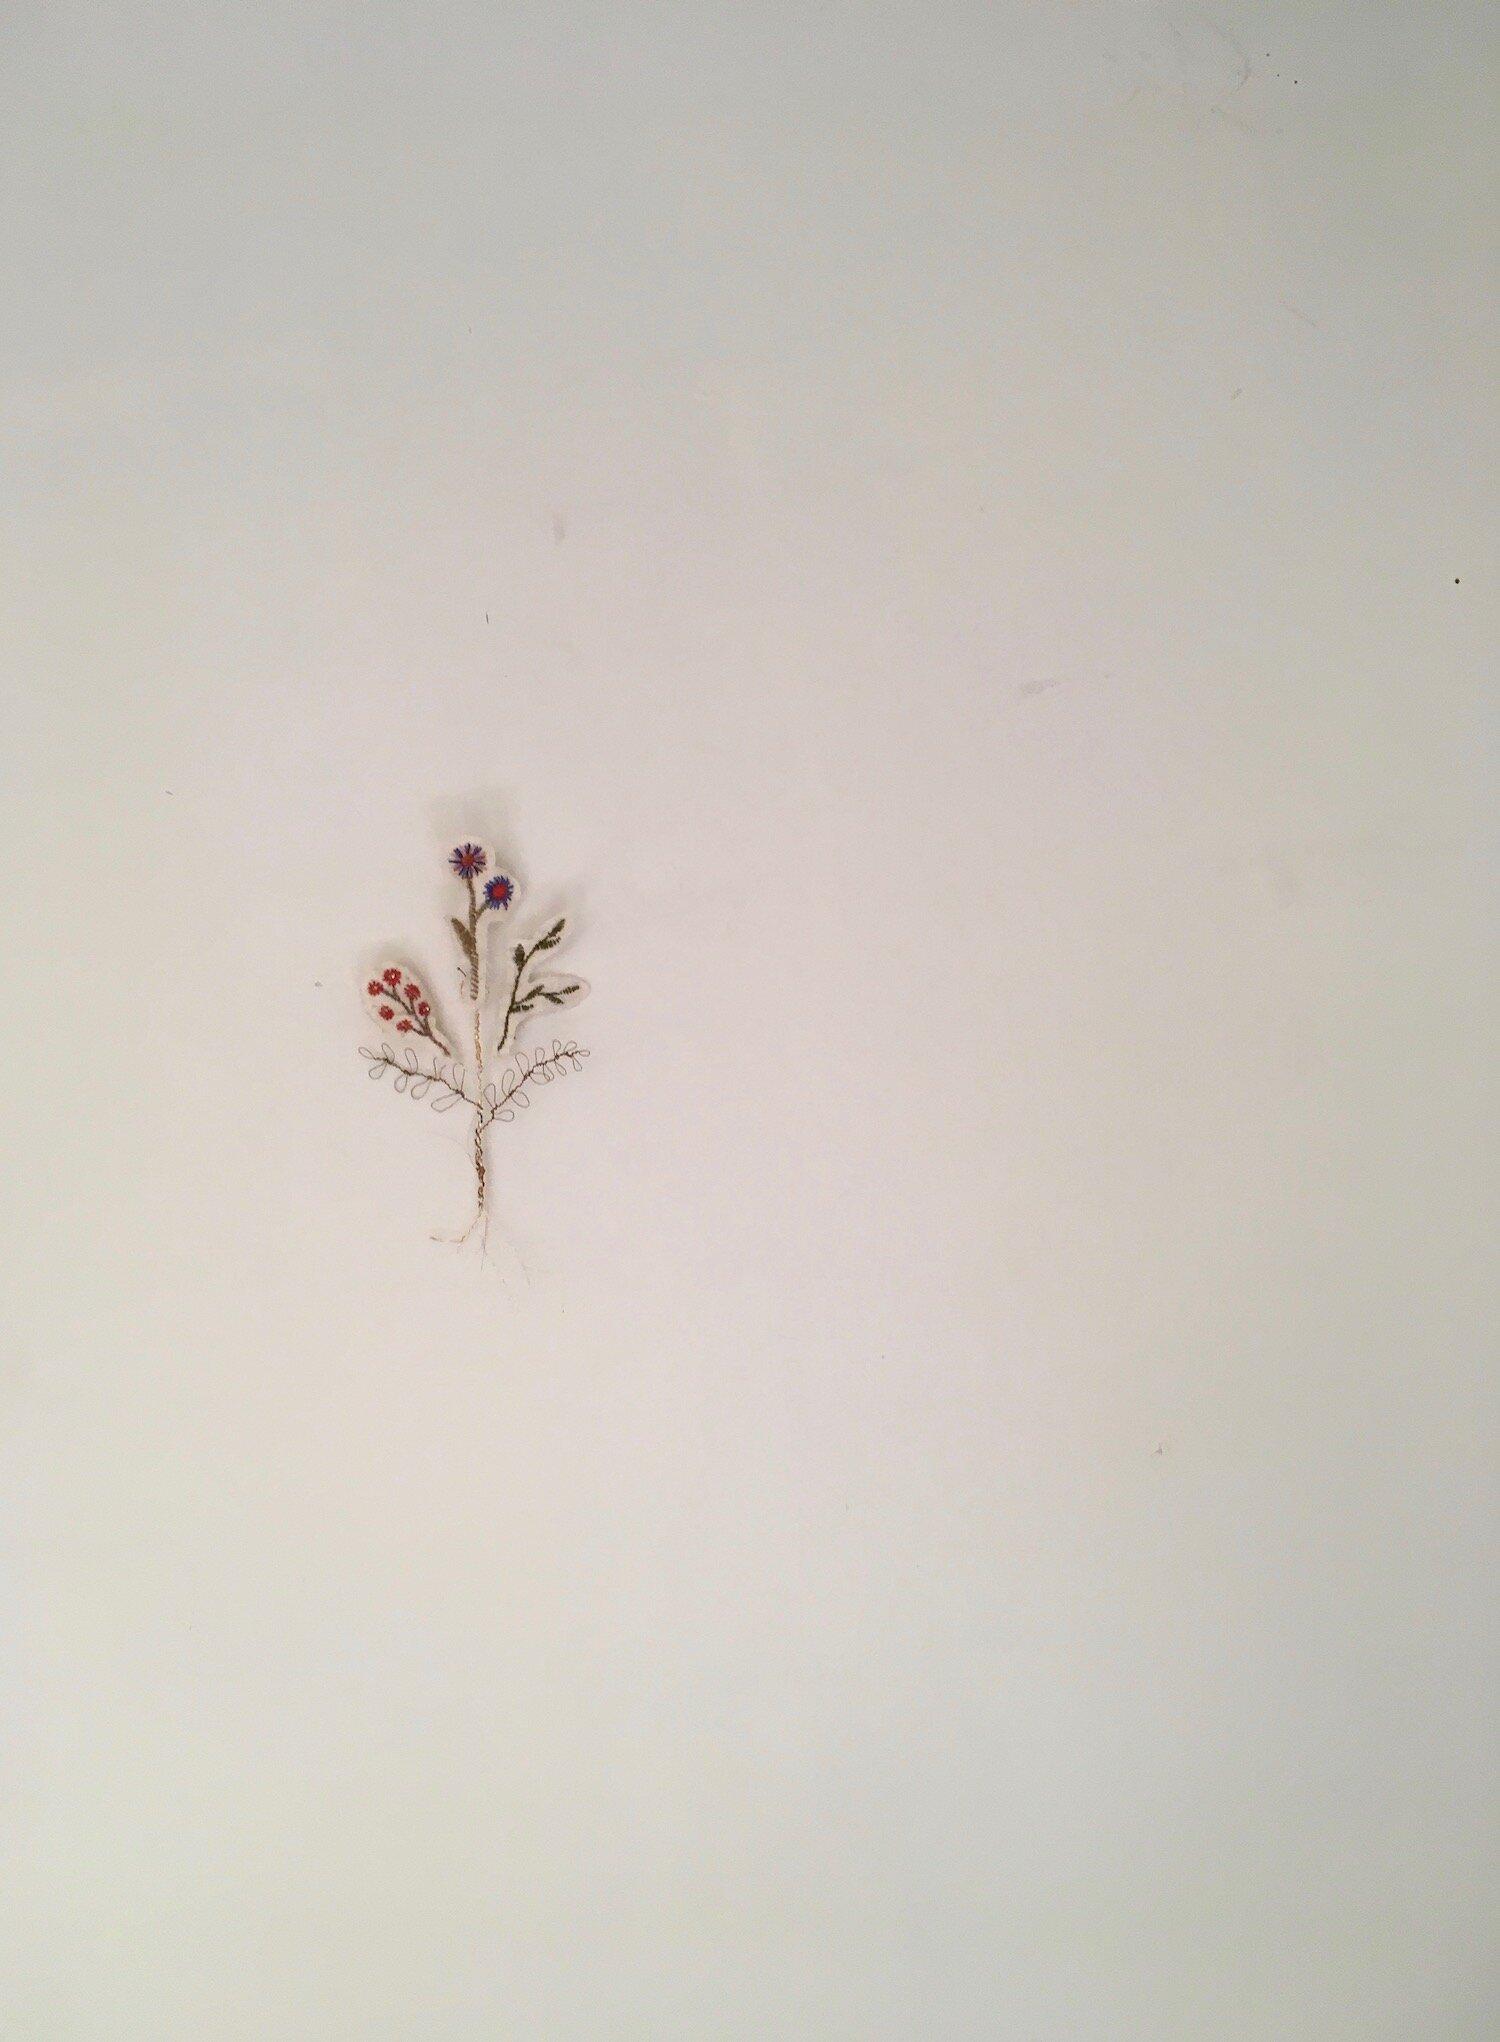 wallflower bouquet no. 1